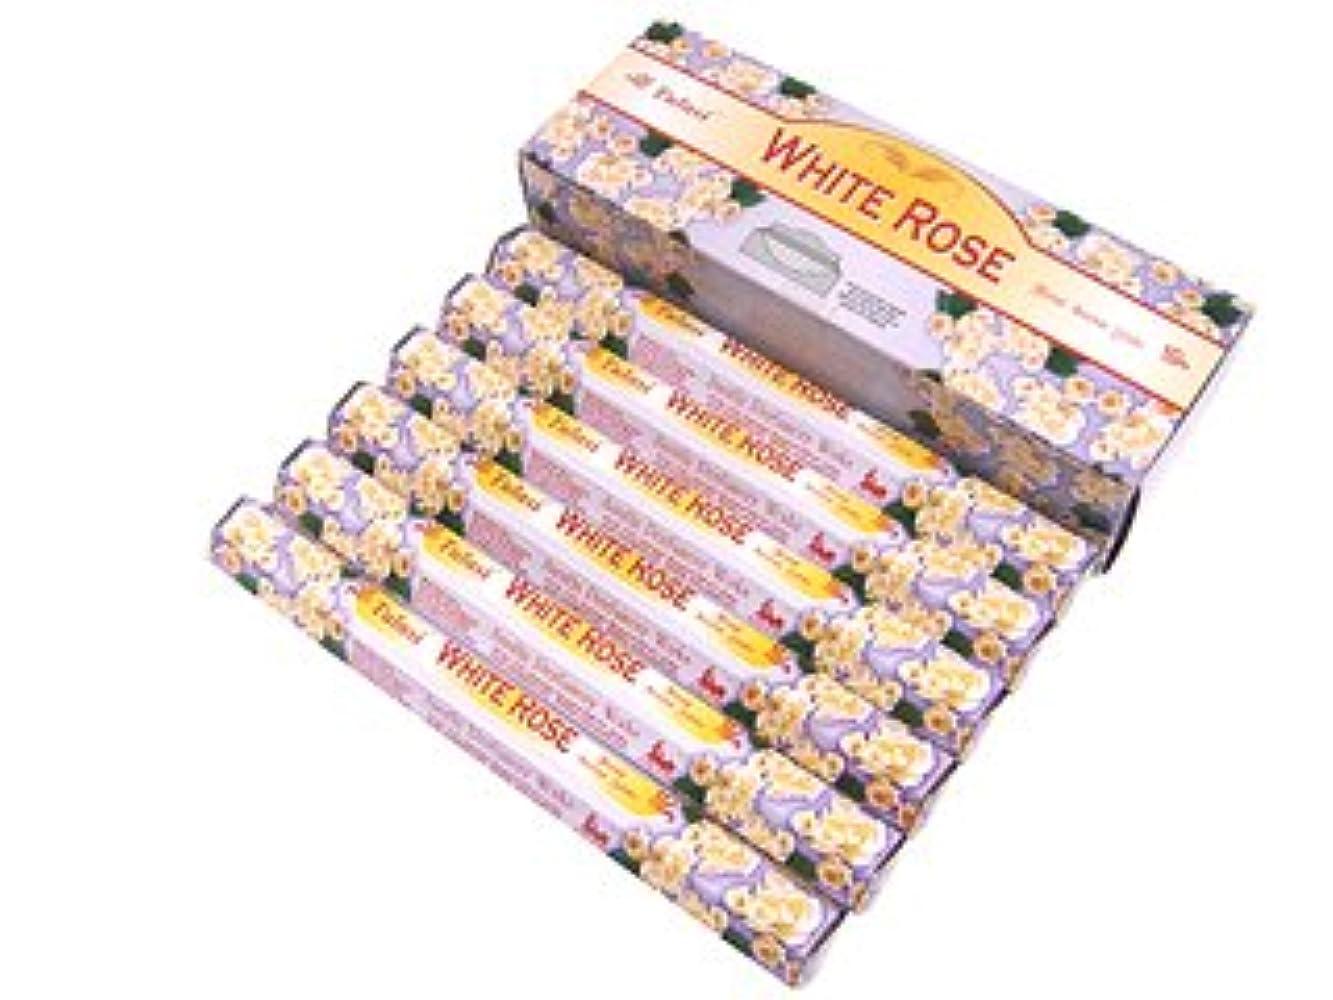 論理機構つまずくTULASI(トゥラシ) ホワイトローズ香 スティック WHITE ROSE 6箱セット